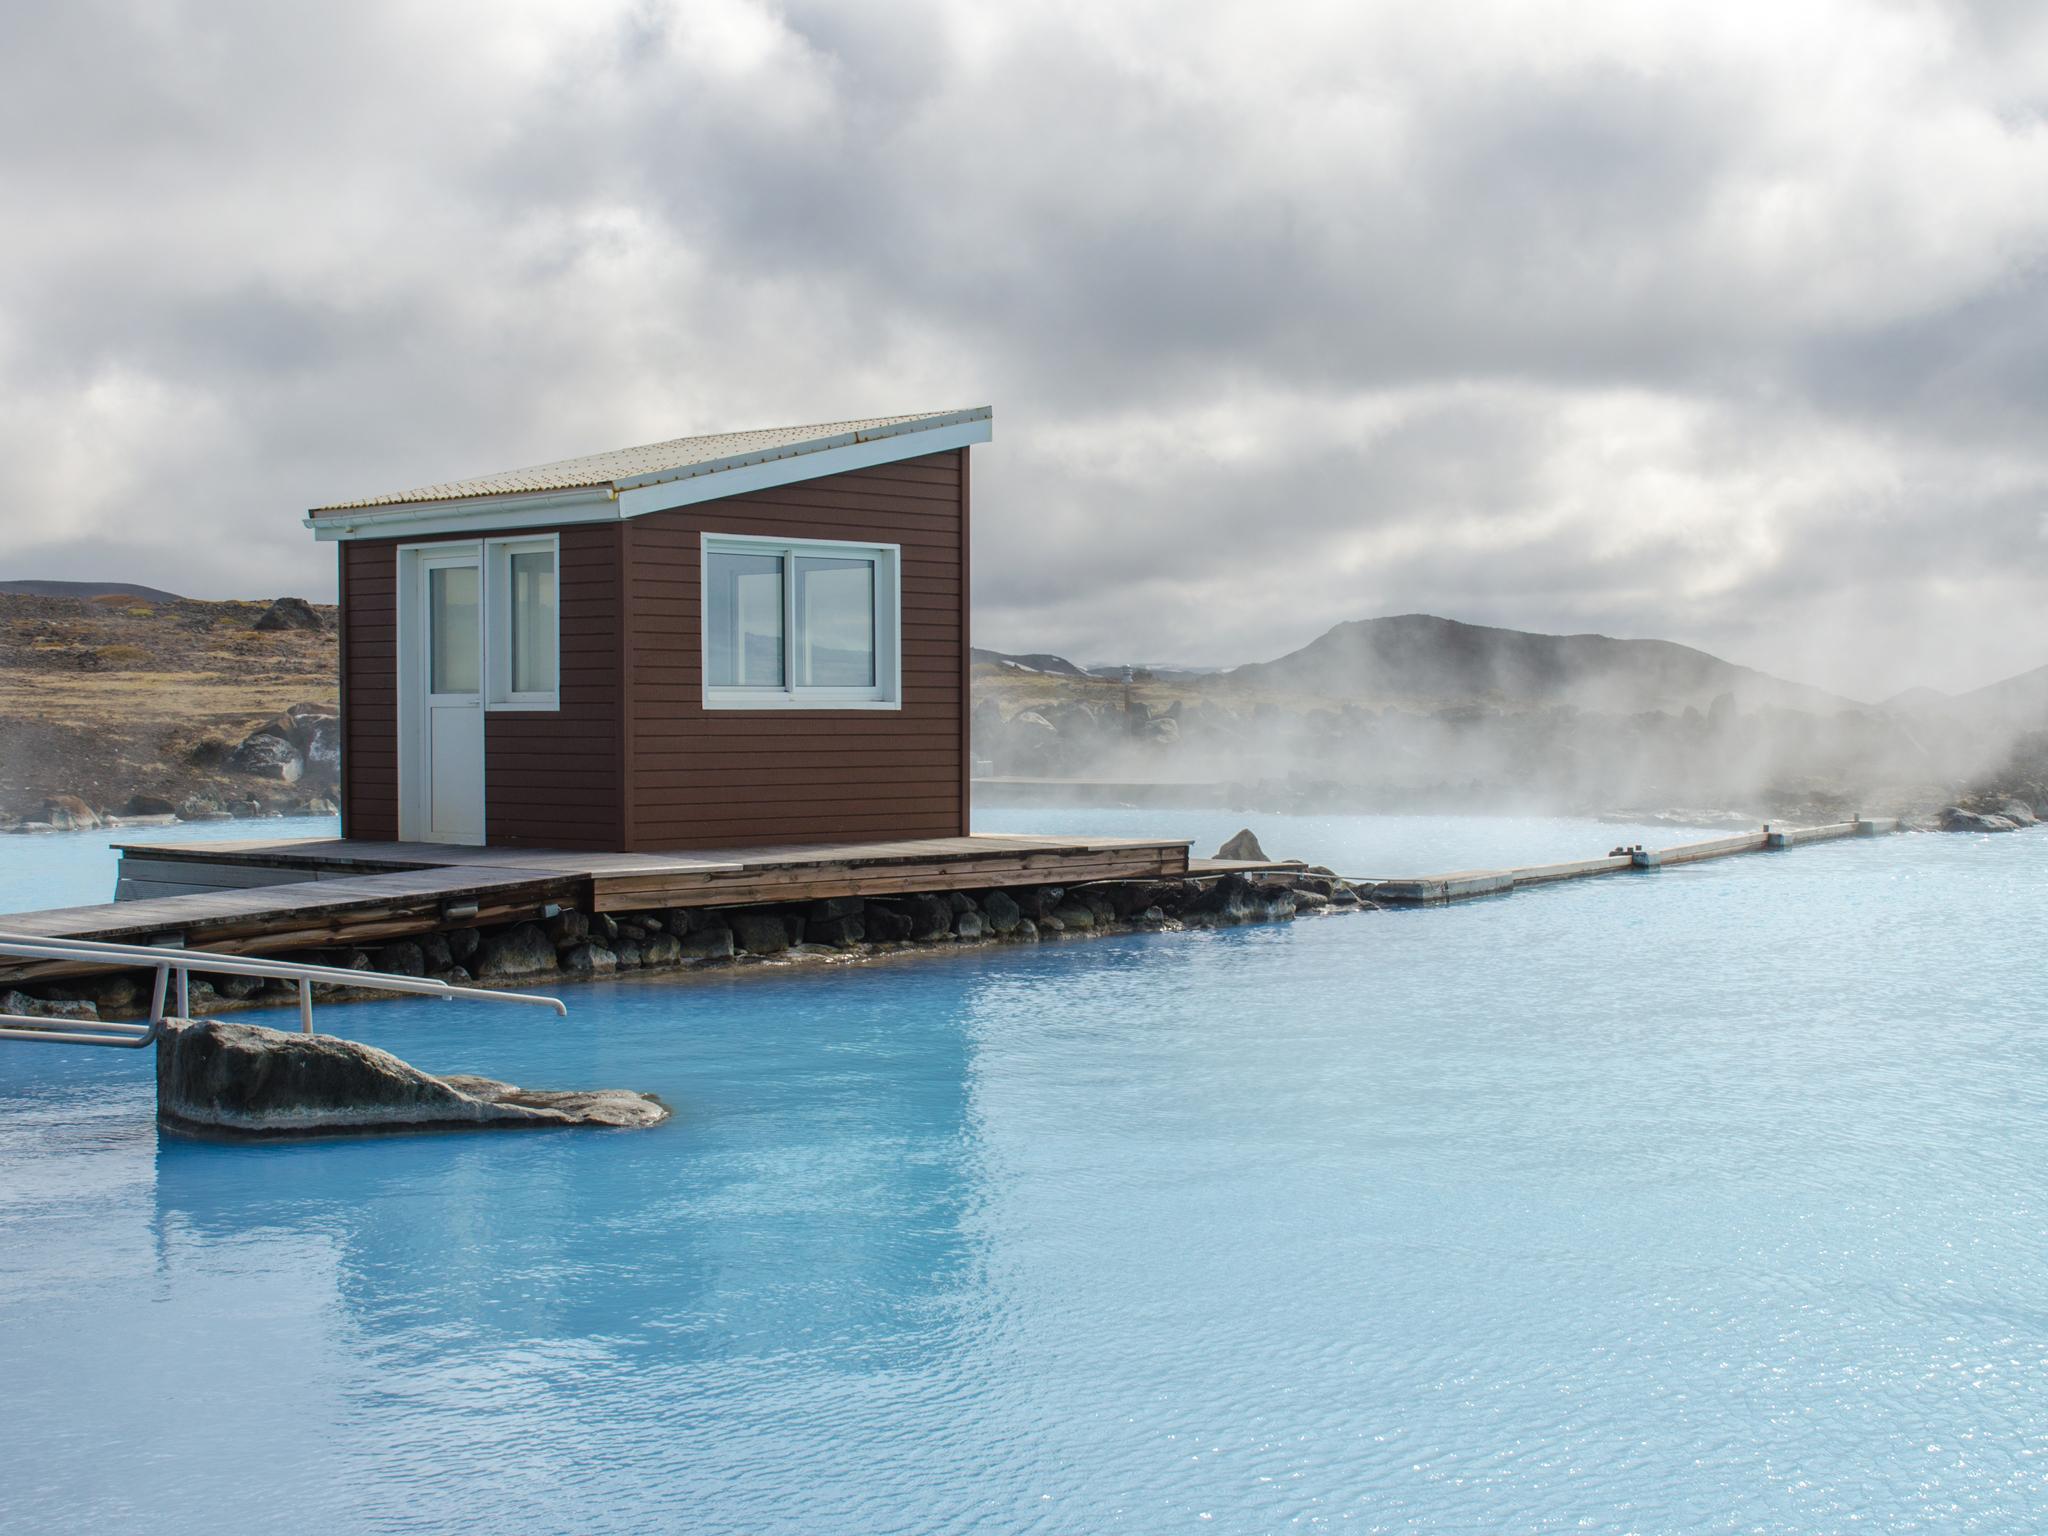 Mývatn Nature Baths in Iceland